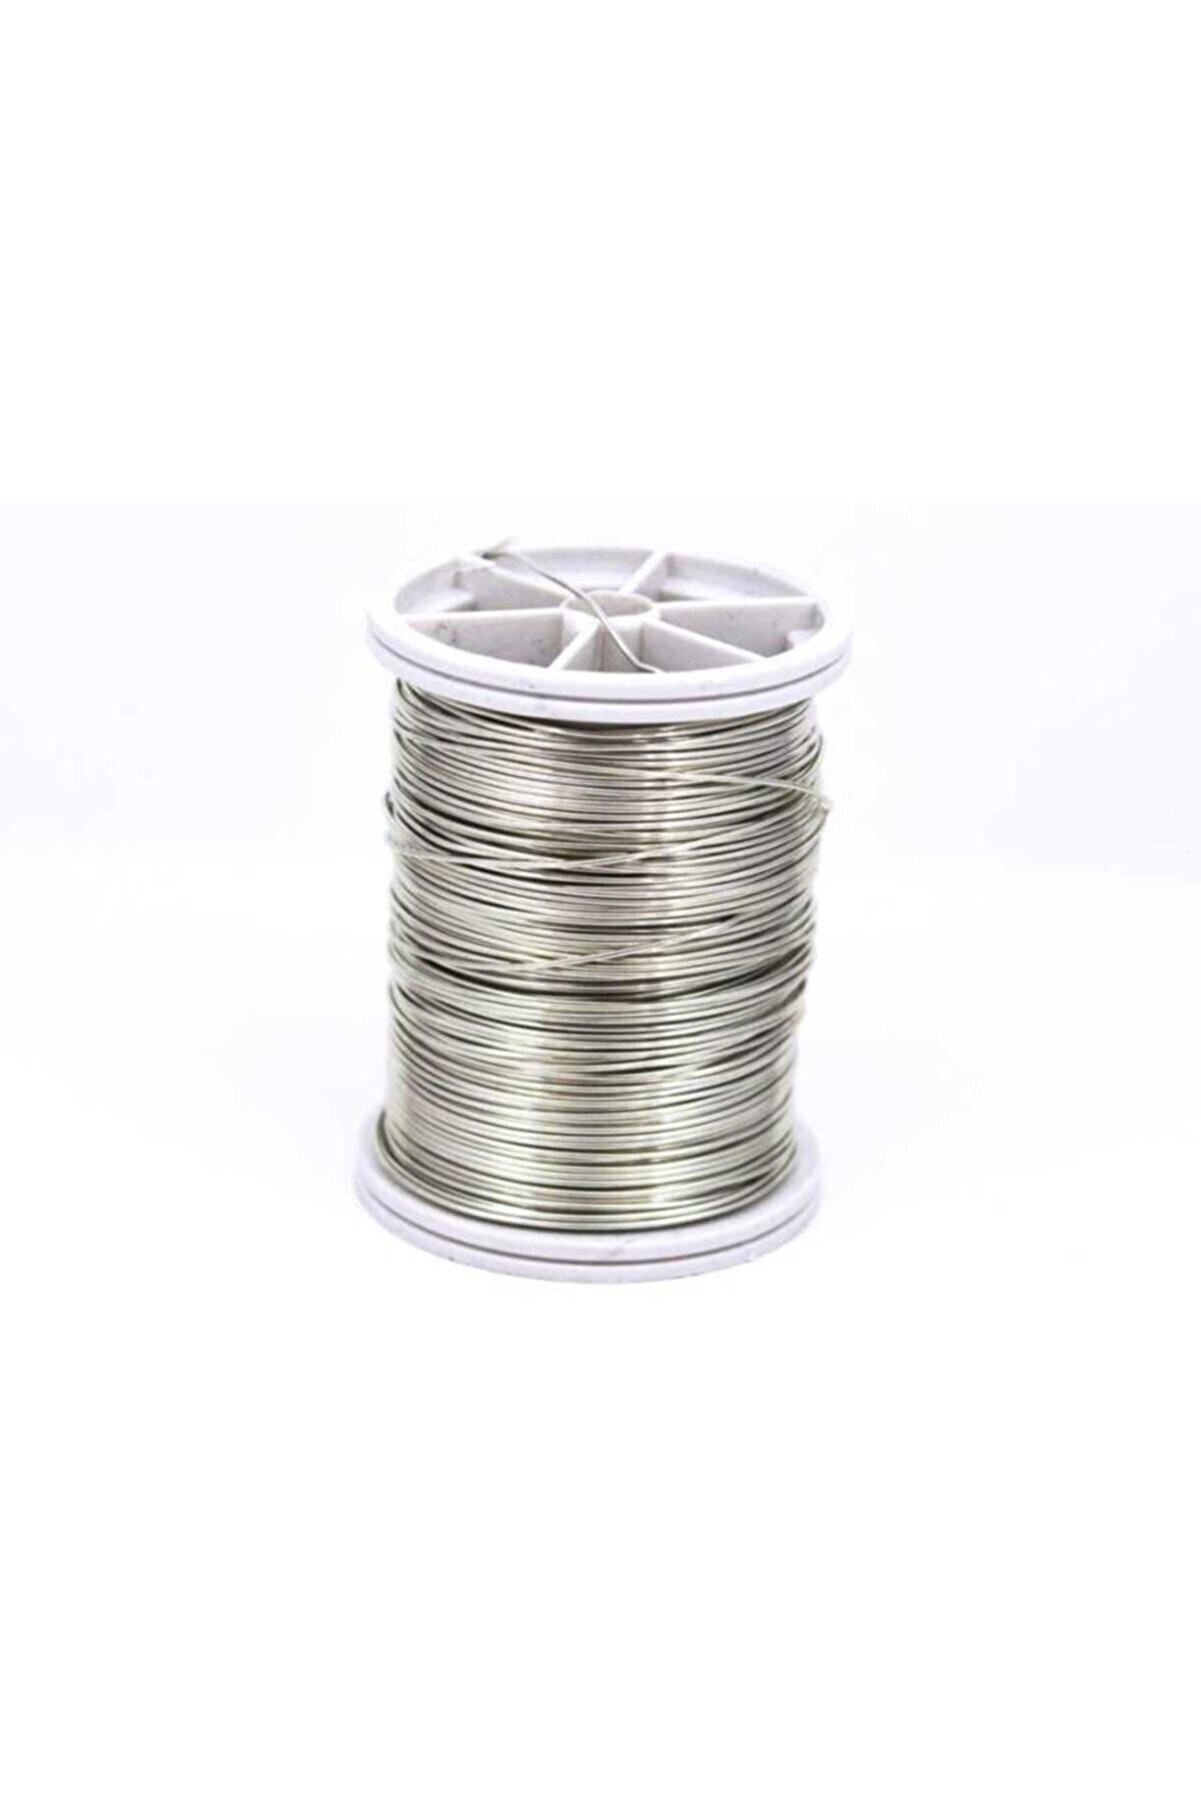 Ertürk Metal Aksesuar Bakır Çiçek Teli, Gümüş Renk Kalınlık : 0.80 mm